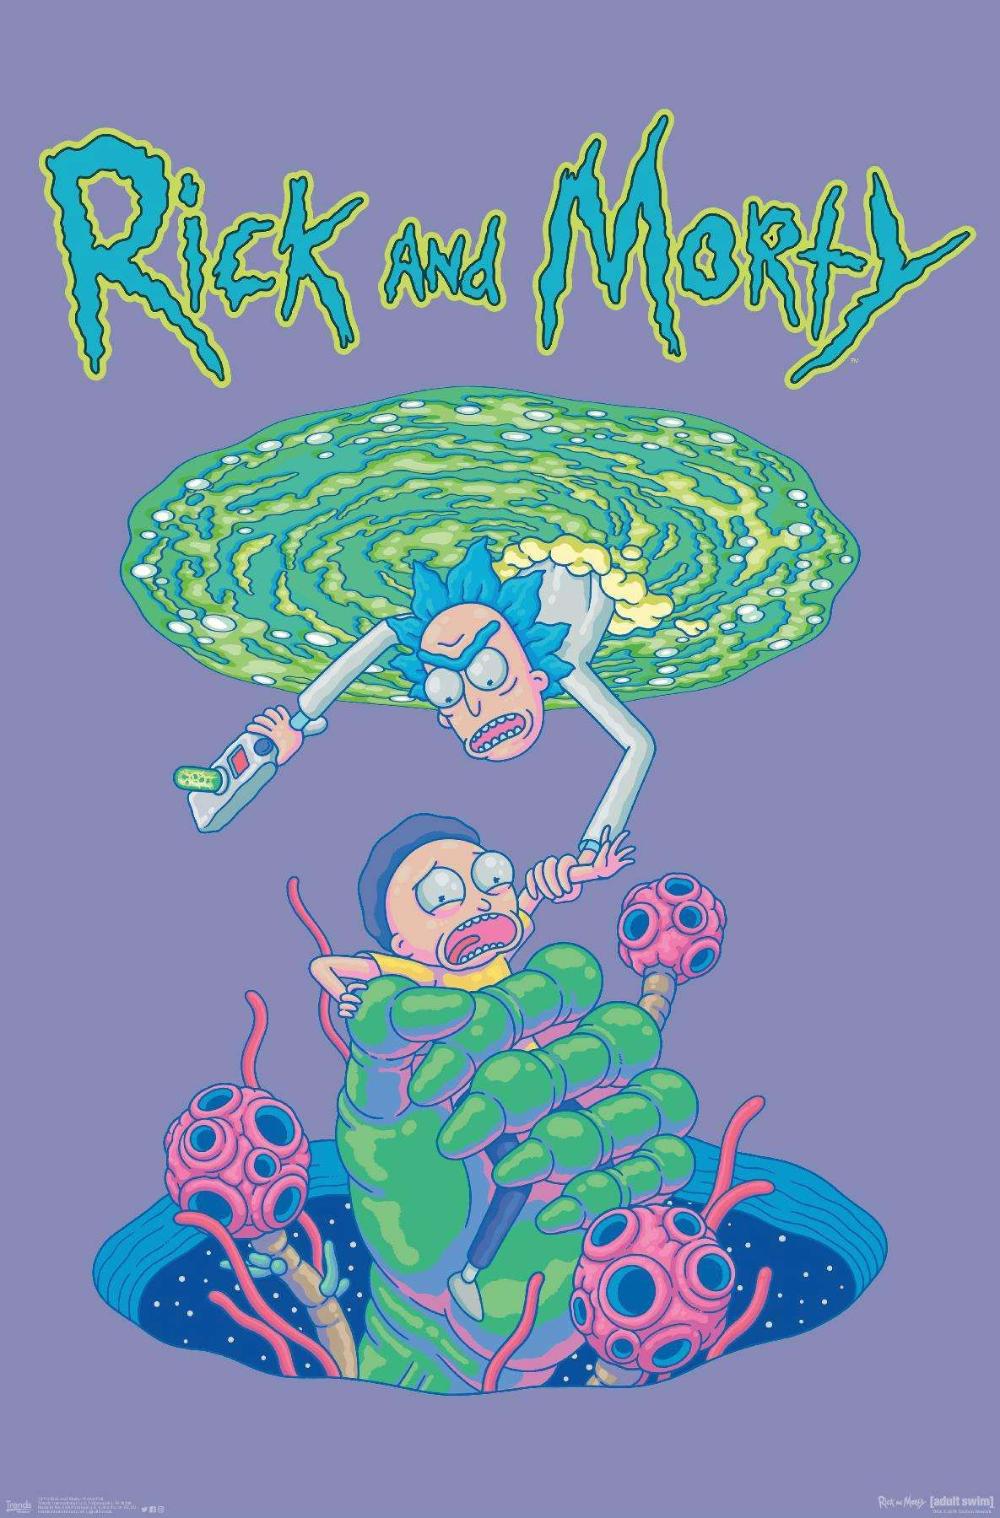 Rick And Morty Portal Fall Rick And Morty Poster Rick And Morty Drawing Rick And Morty Tattoo